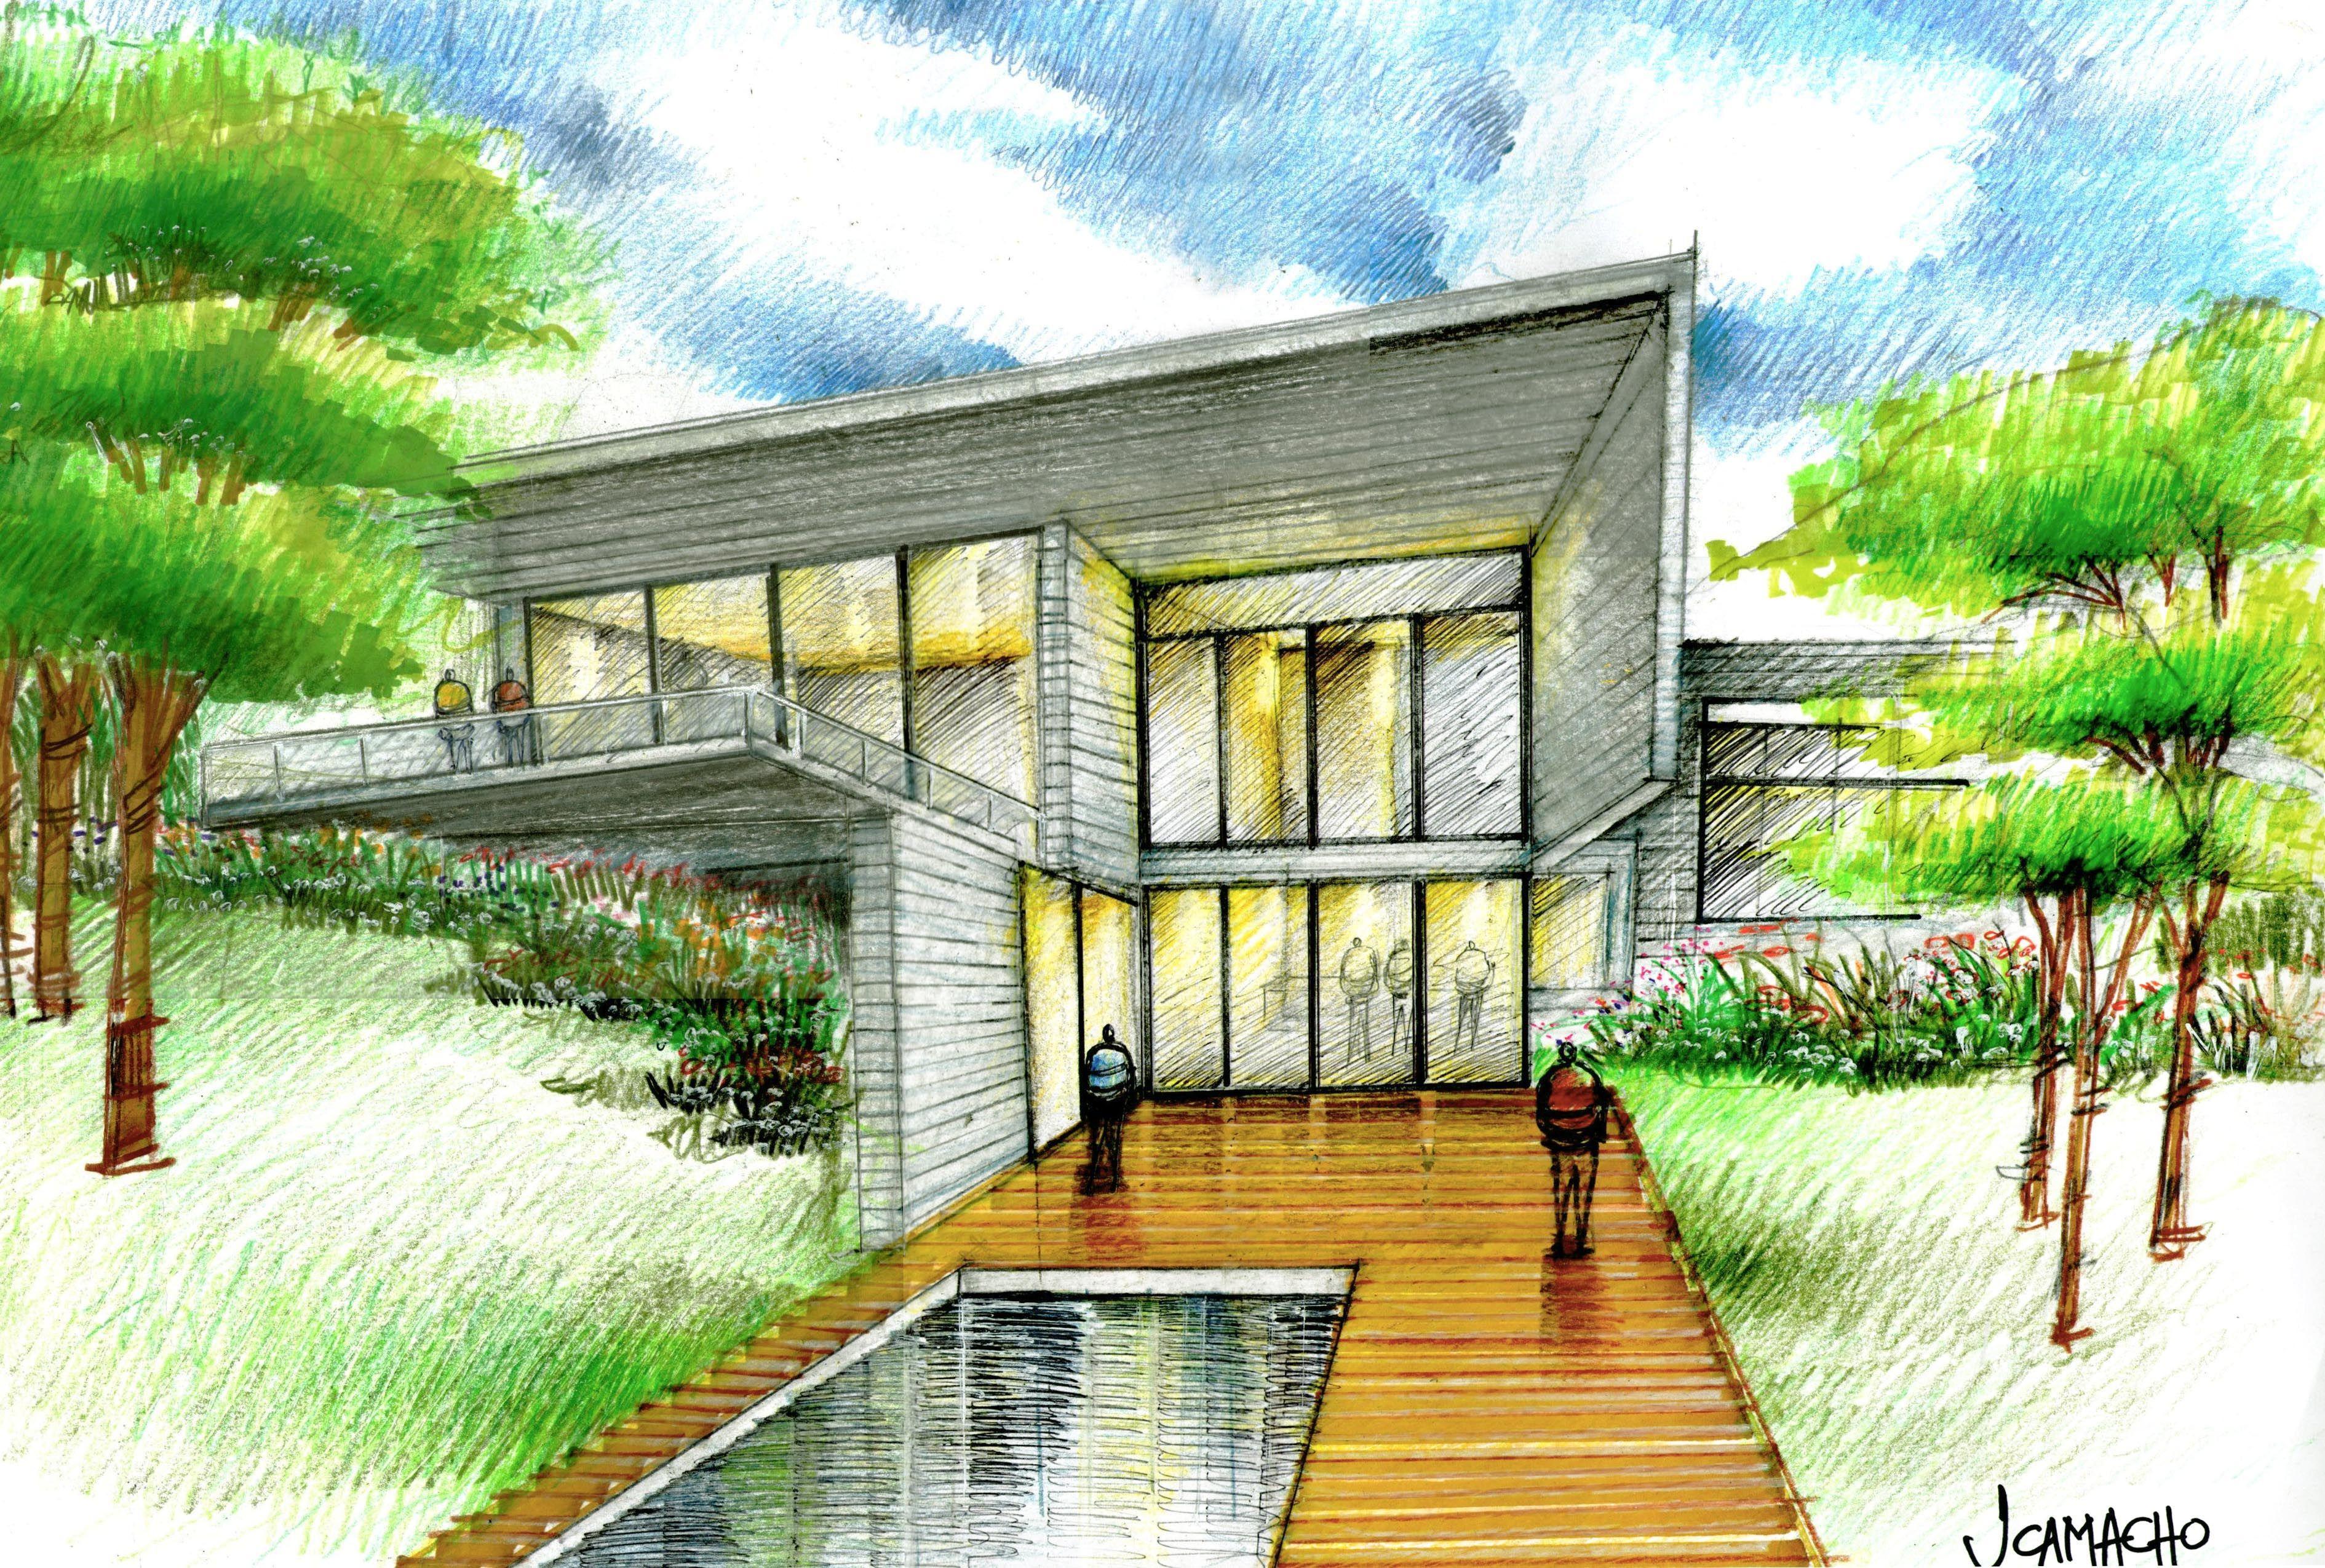 Concreto Y Luz Bocetos Arquitectura Bocetos Arquitectonicos Dibujo Arquitectonico